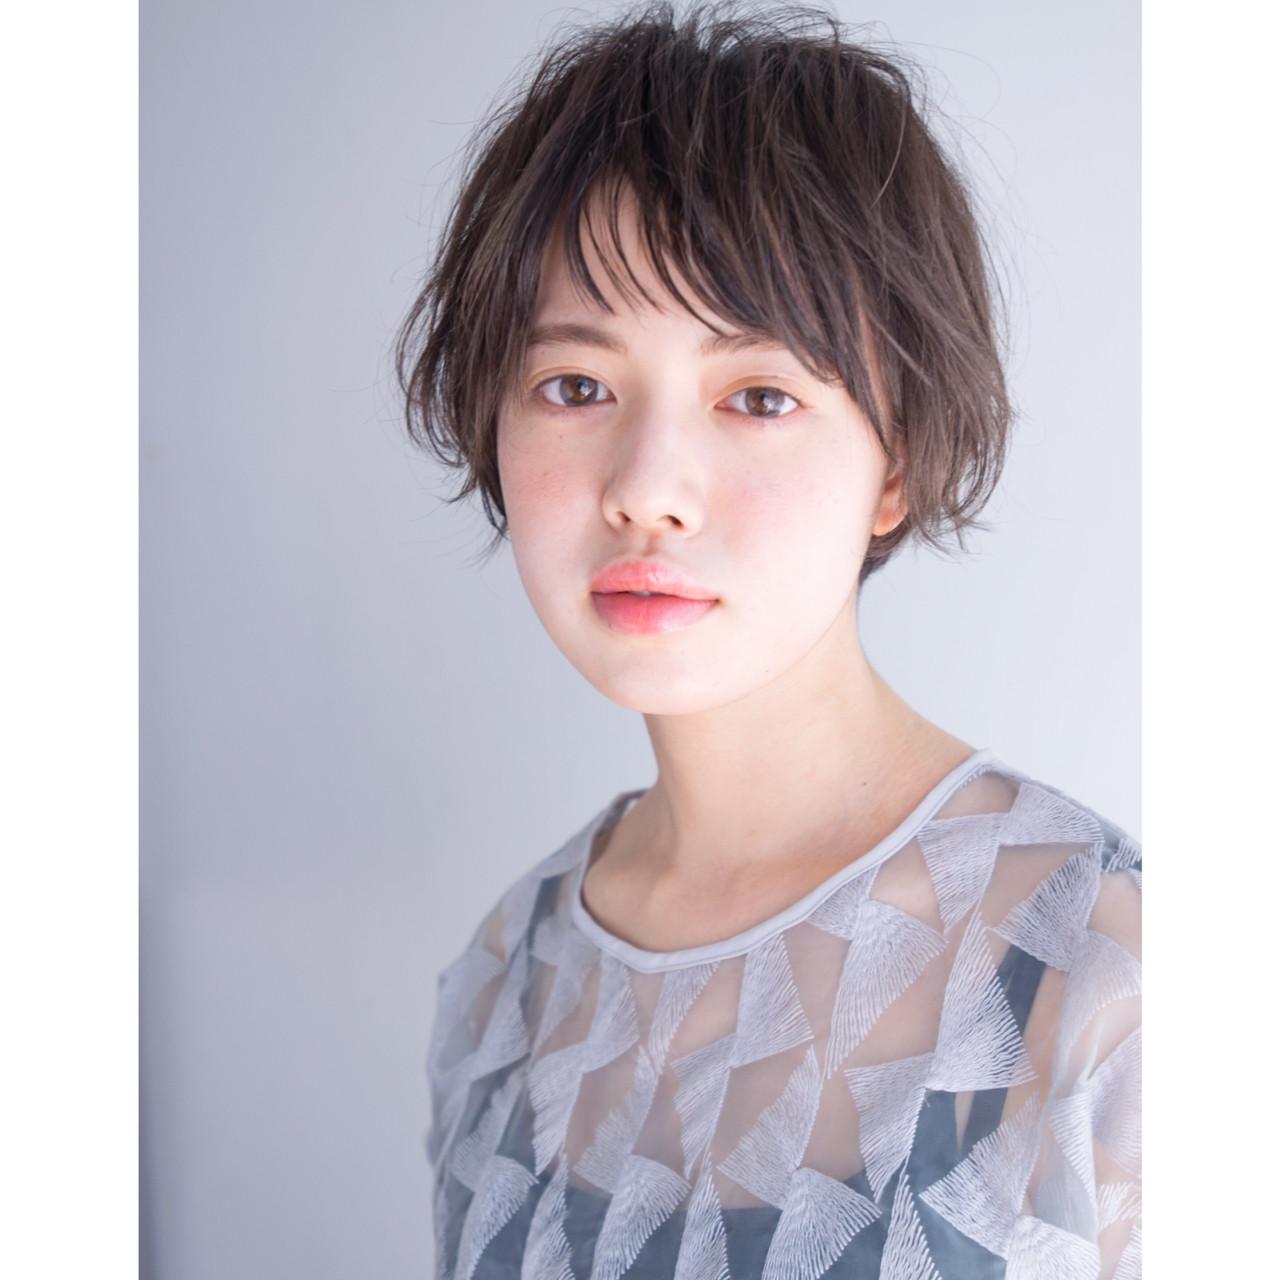 パーマ 大人女子 ナチュラル ショート ヘアスタイルや髪型の写真・画像 | anti_RIKUSHI / ANTI